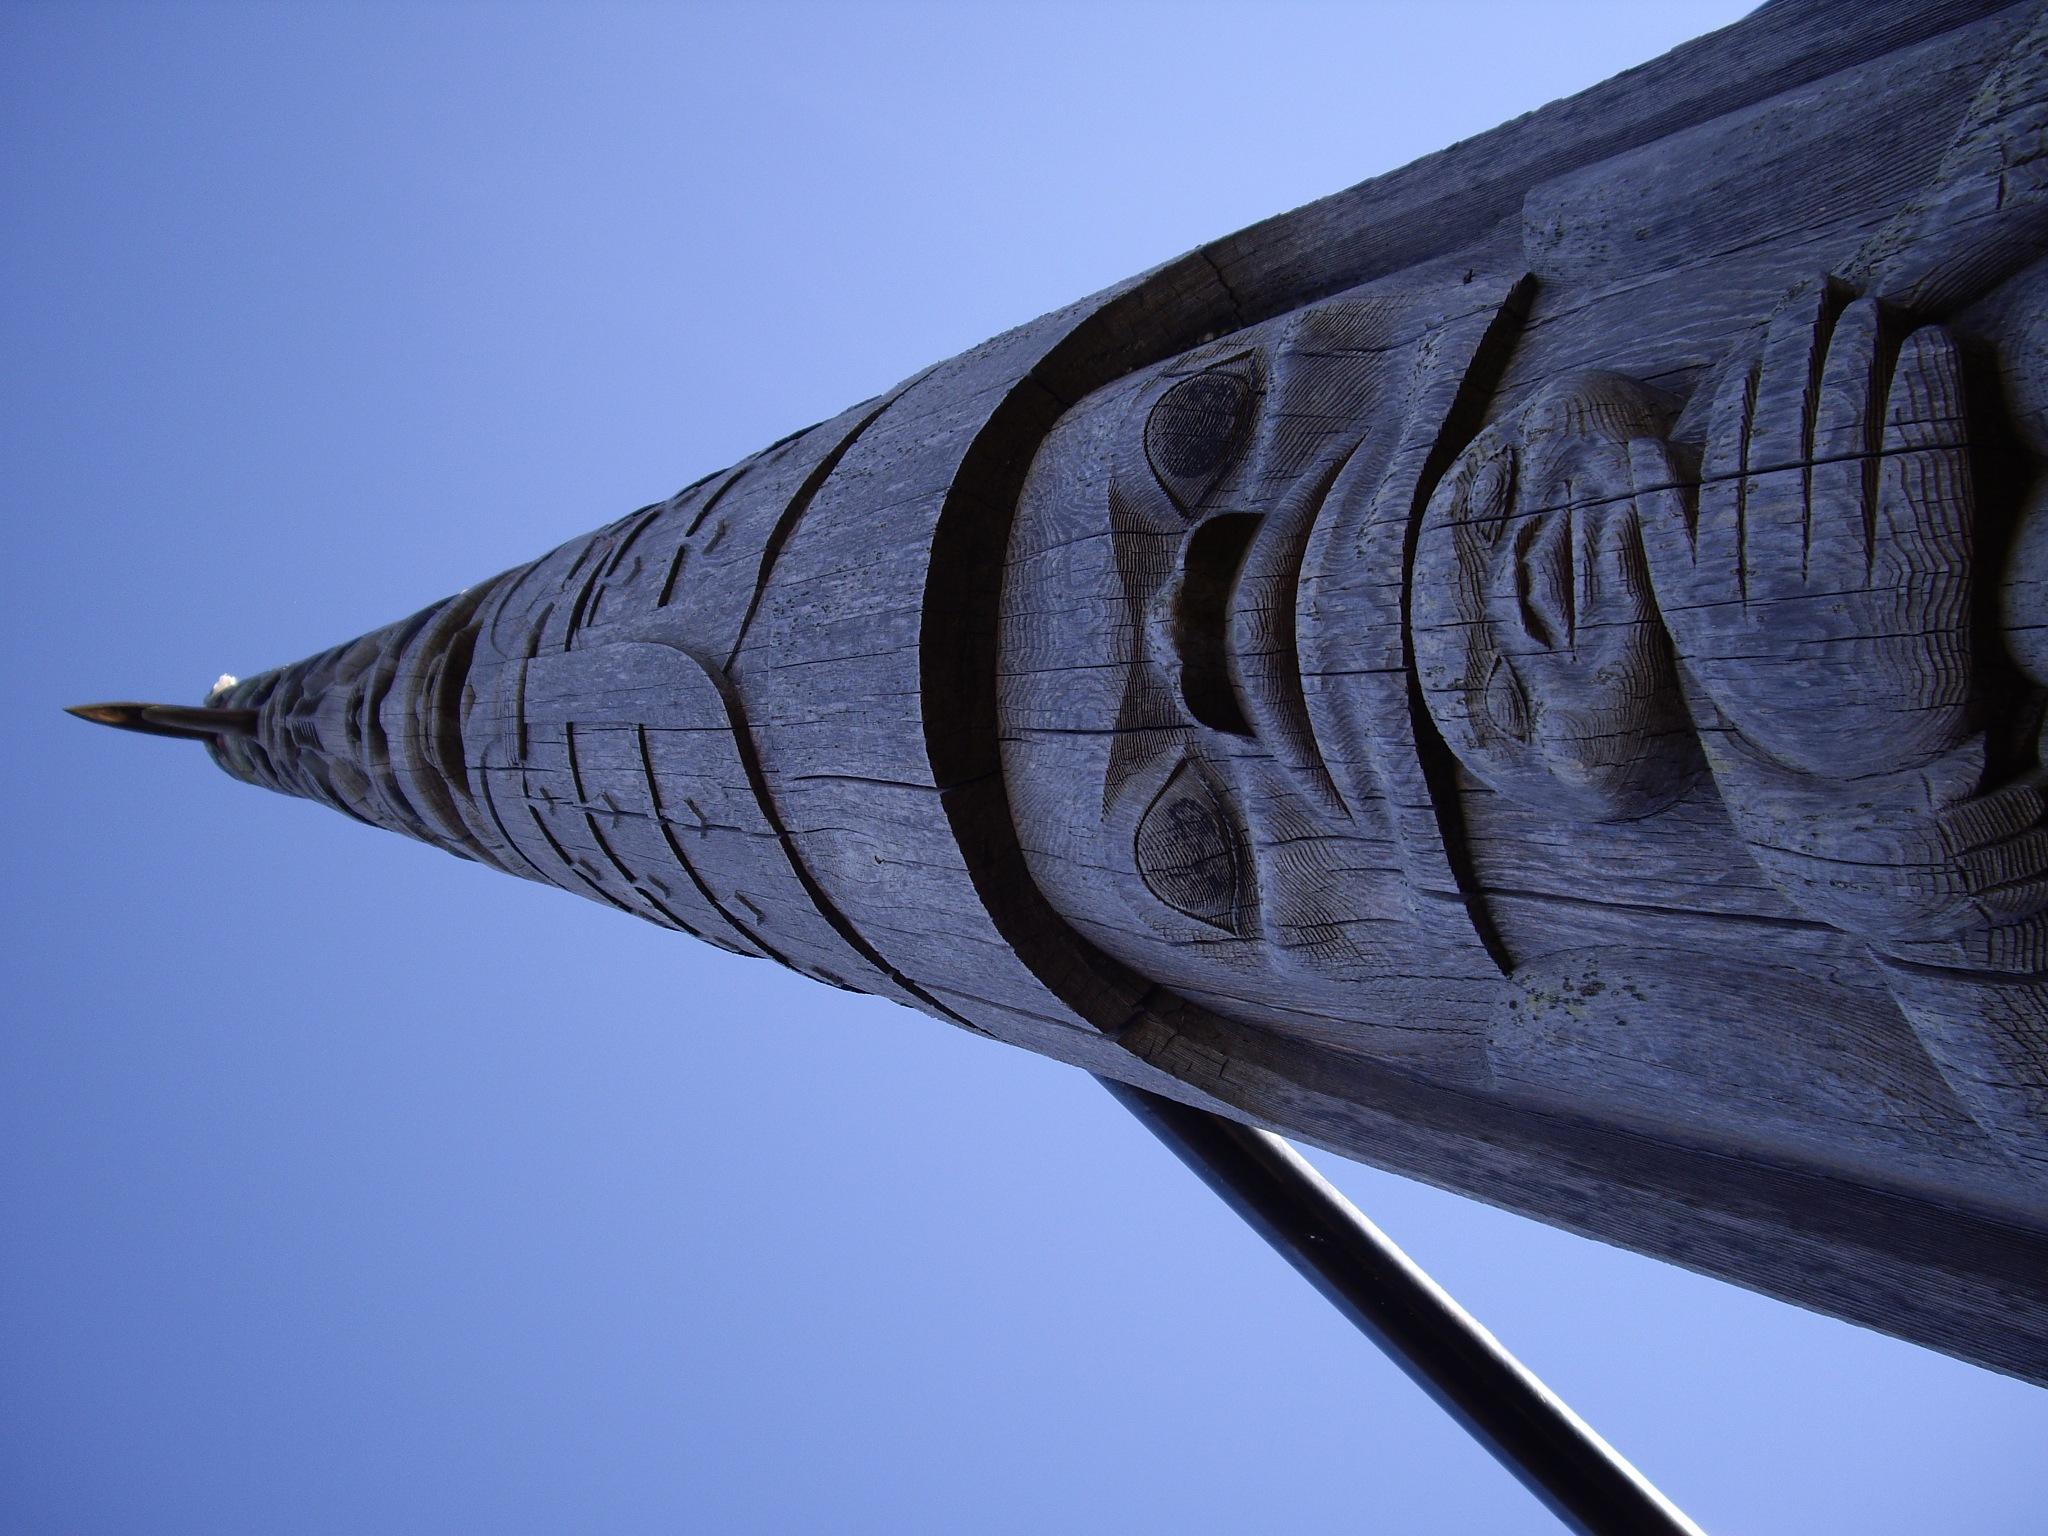 Songhees Totem Pole by Daniel Keeran